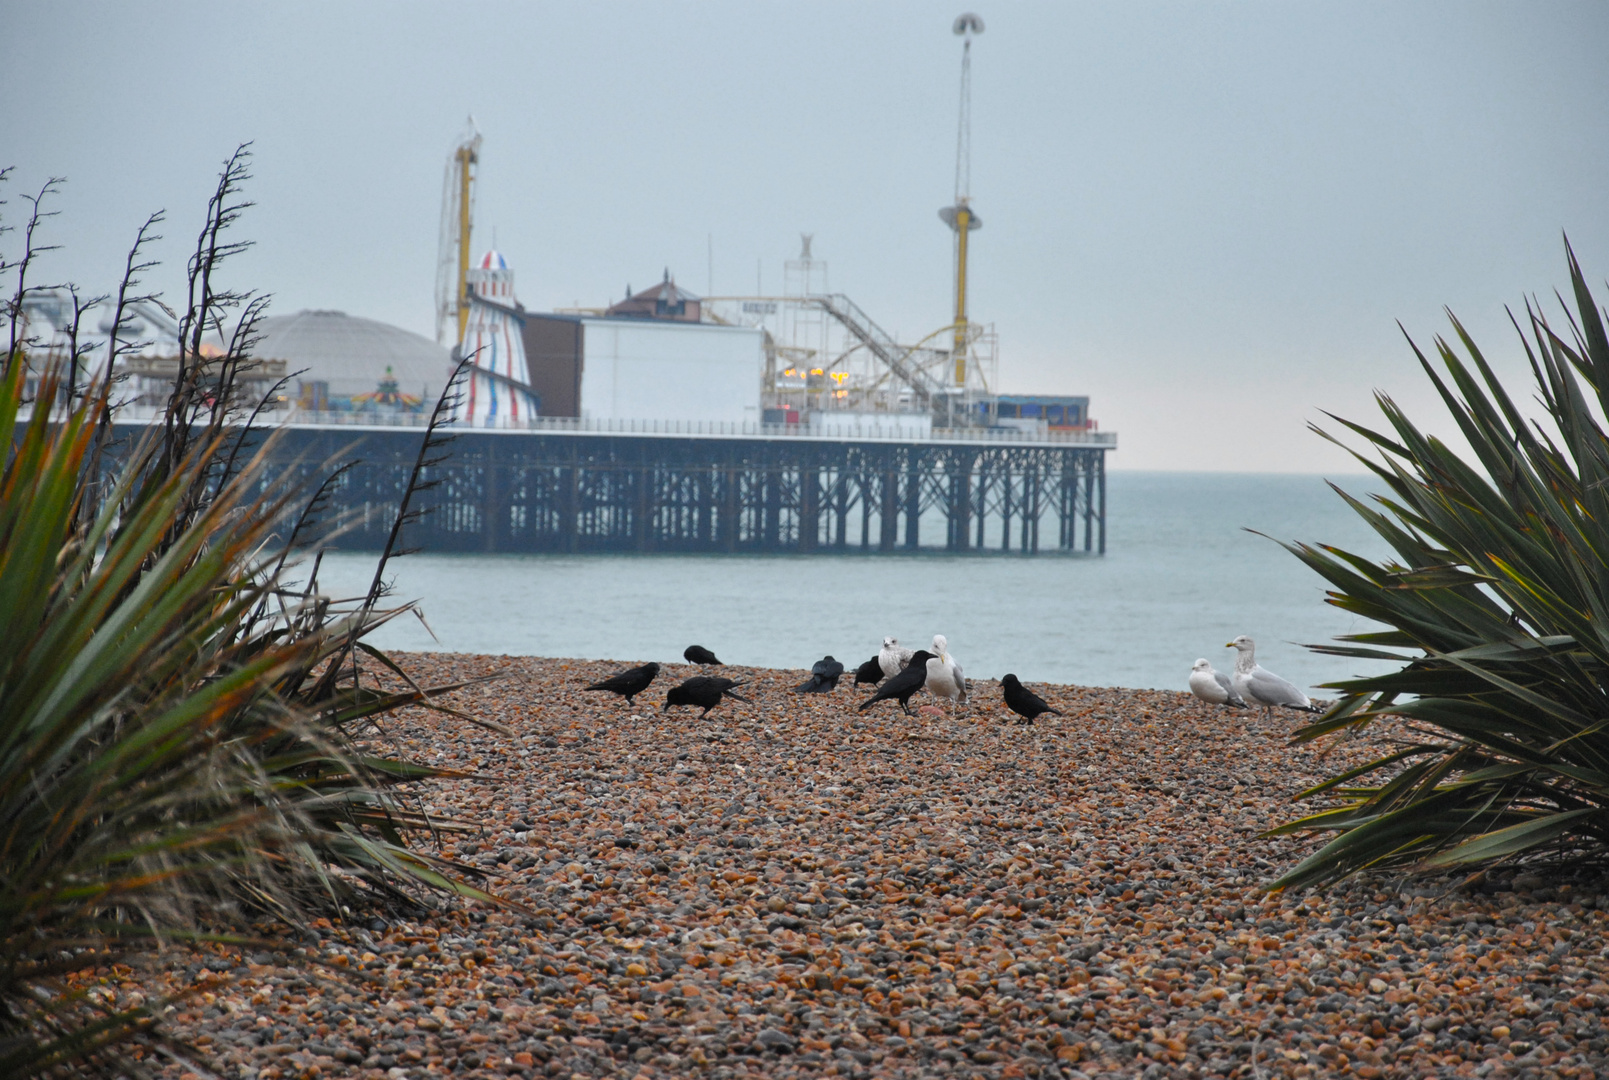 England Winter 2010